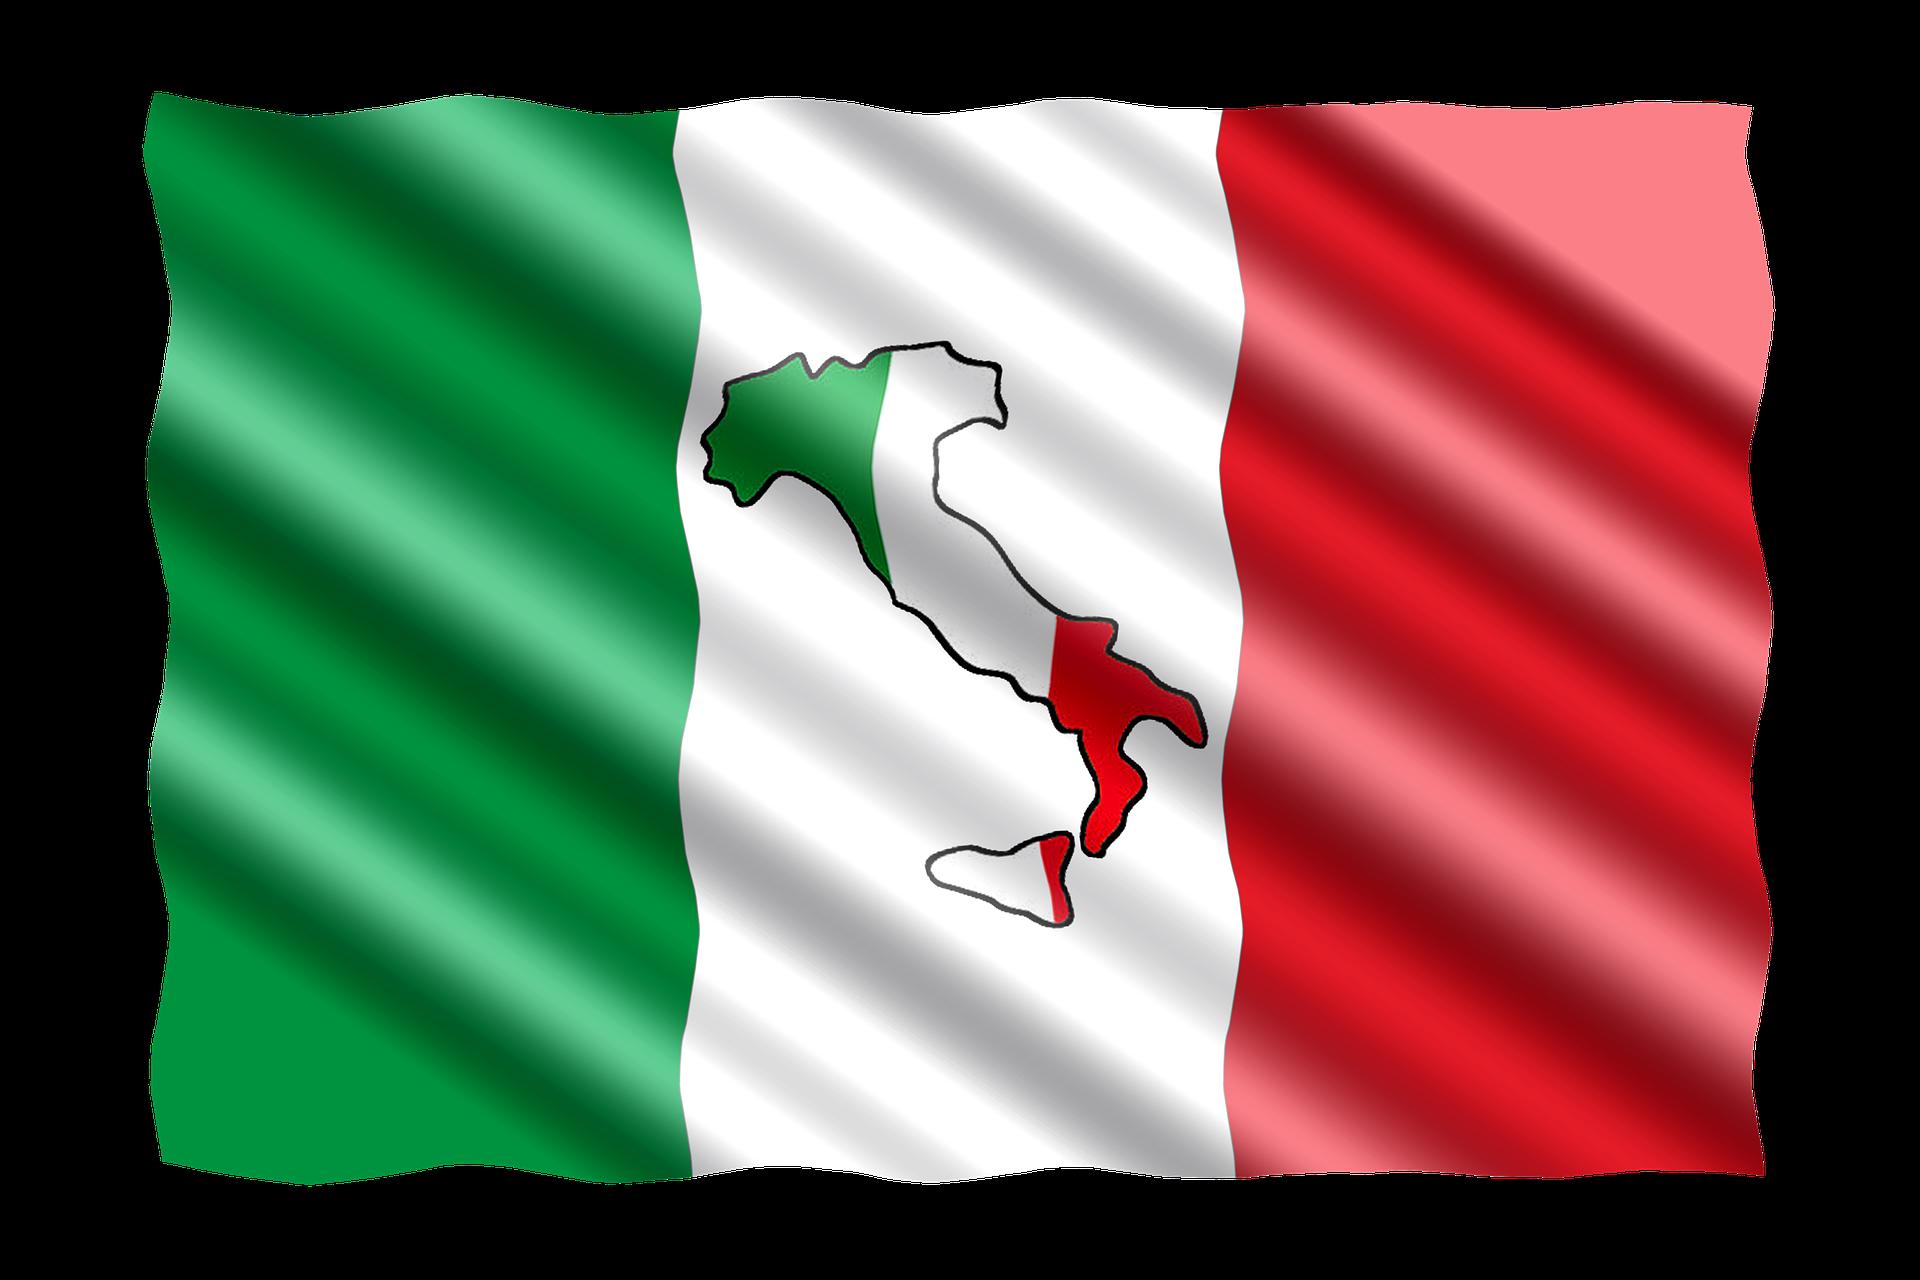 Italien - Bild von jorono auf Pixabay